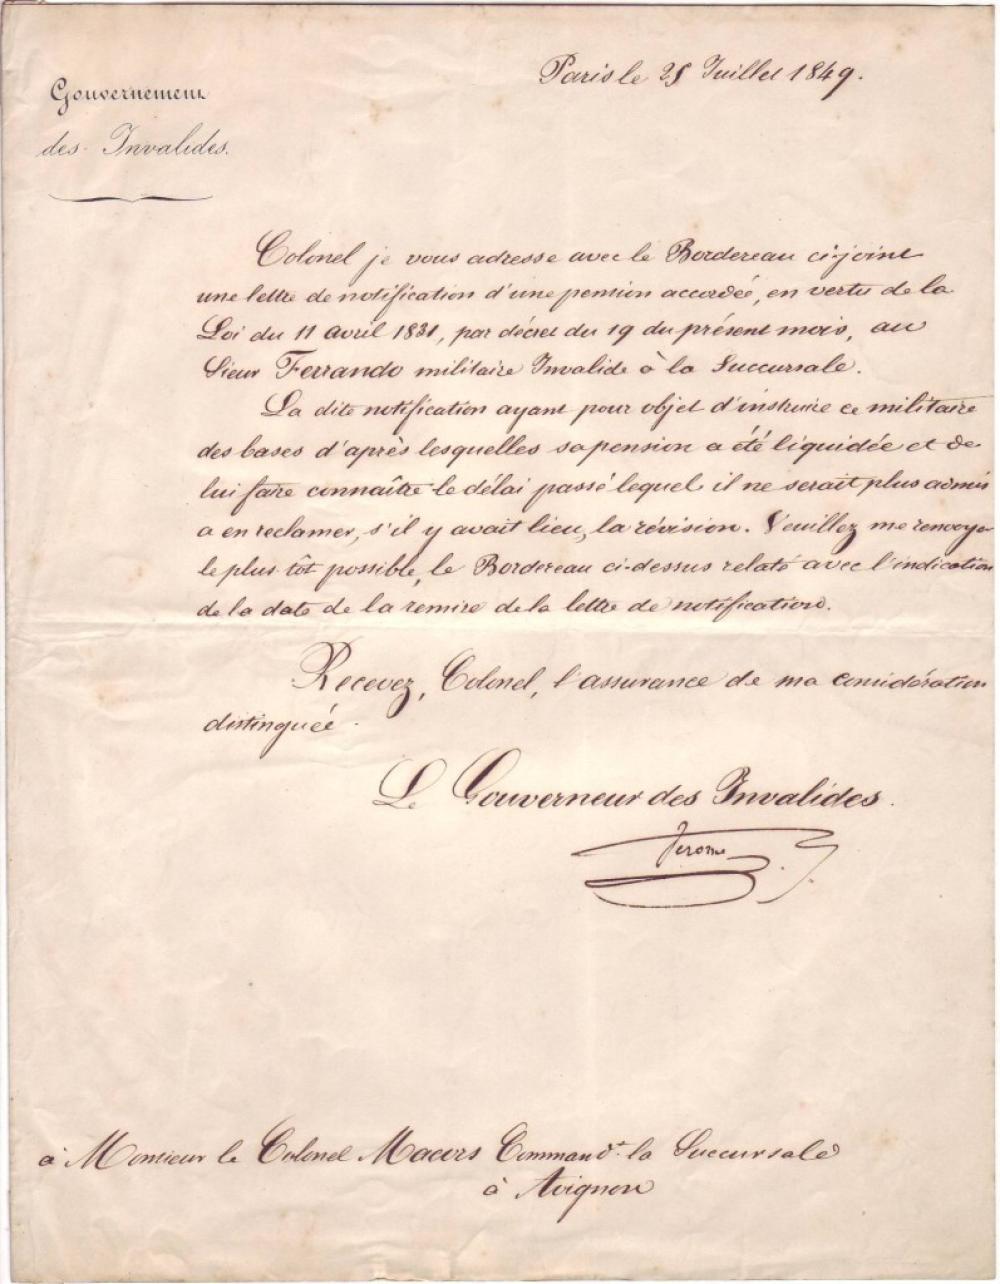 (NAPOLÉON.) BONAPARTE, JÉRÔME. Letter Signed,